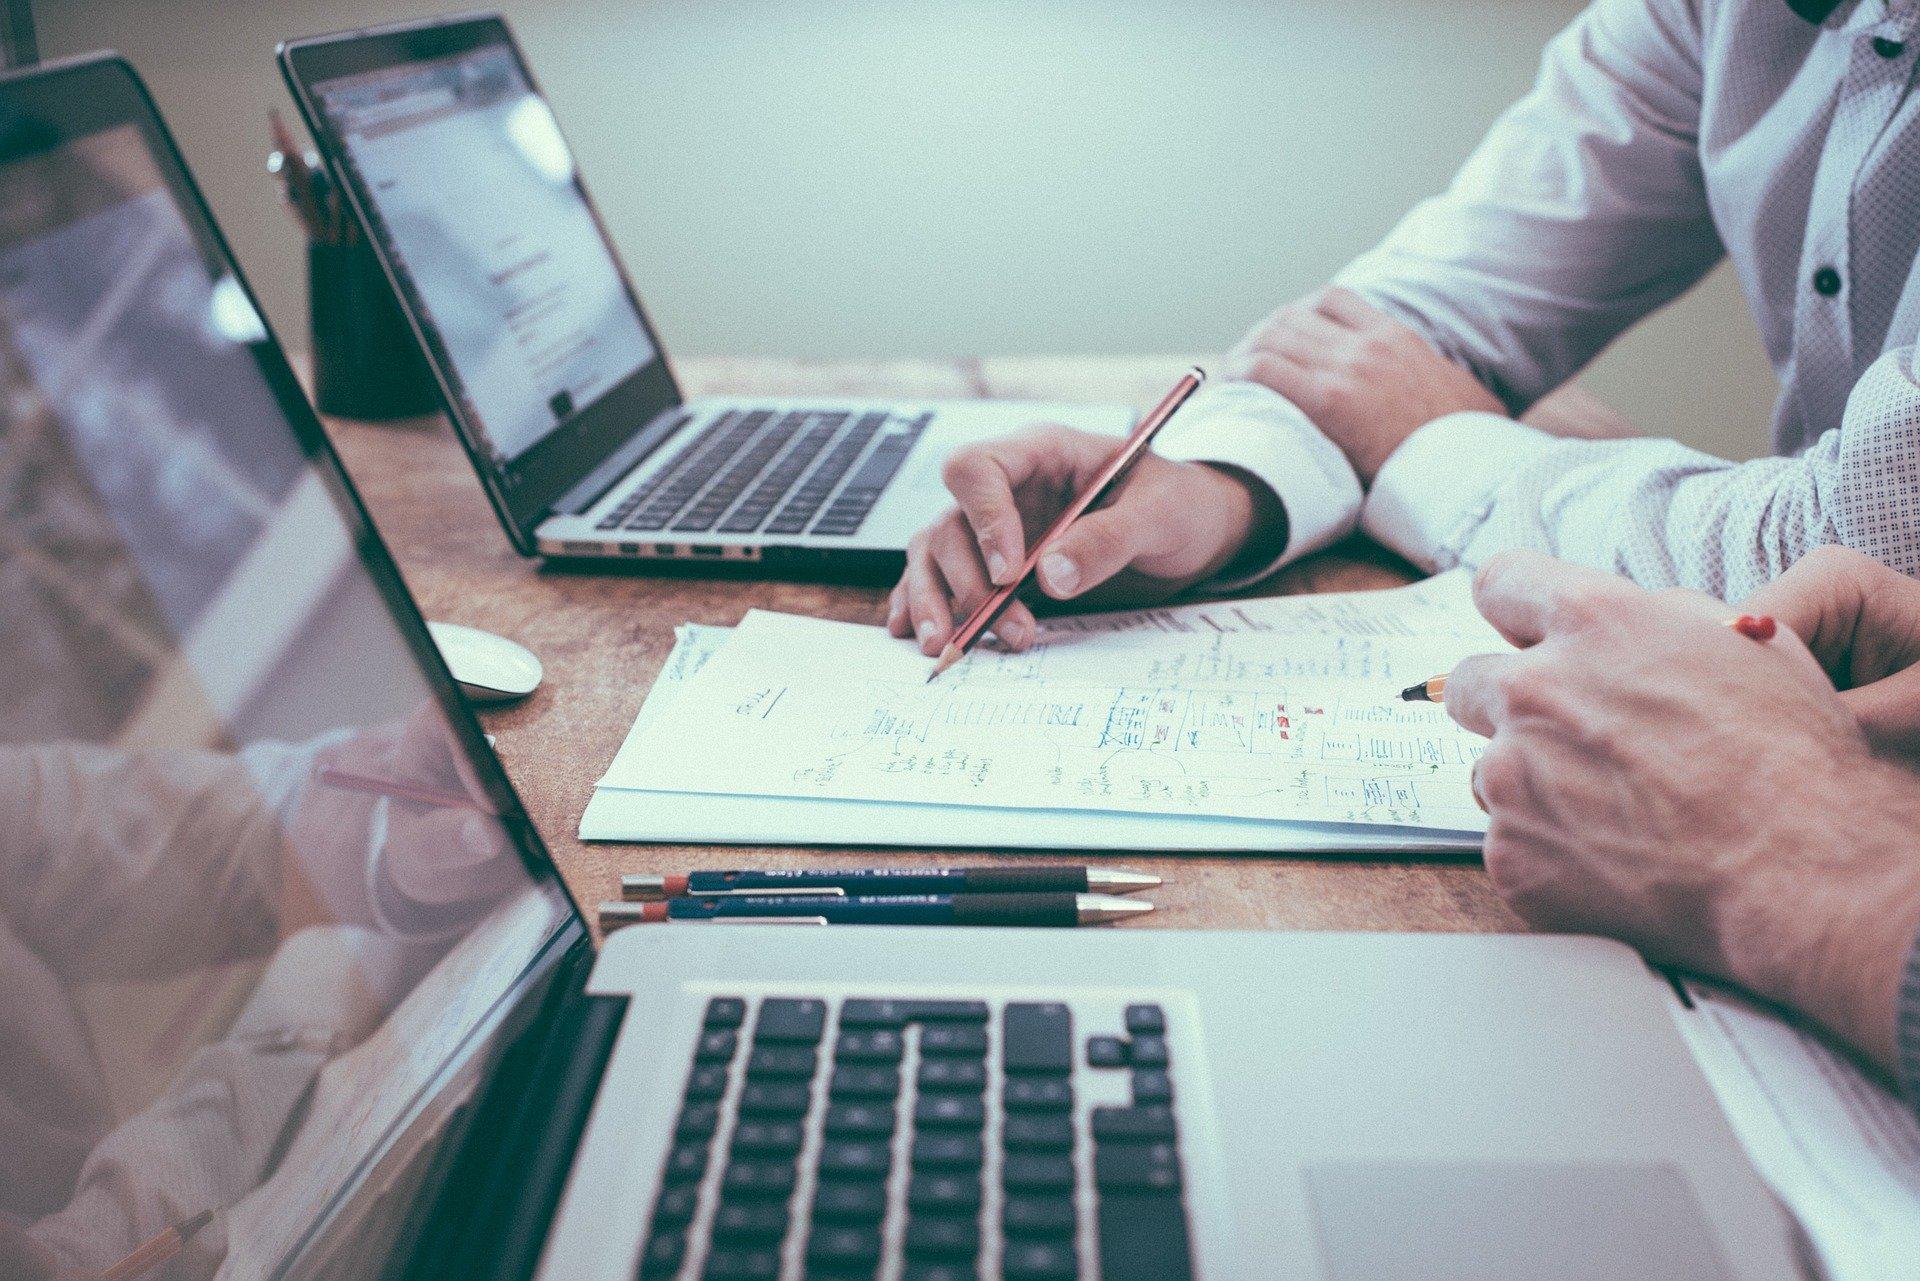 Kuvassa on kaksi henkilöä tietokoneiden äärellä tekemässä suunnittelutyötä paperille.